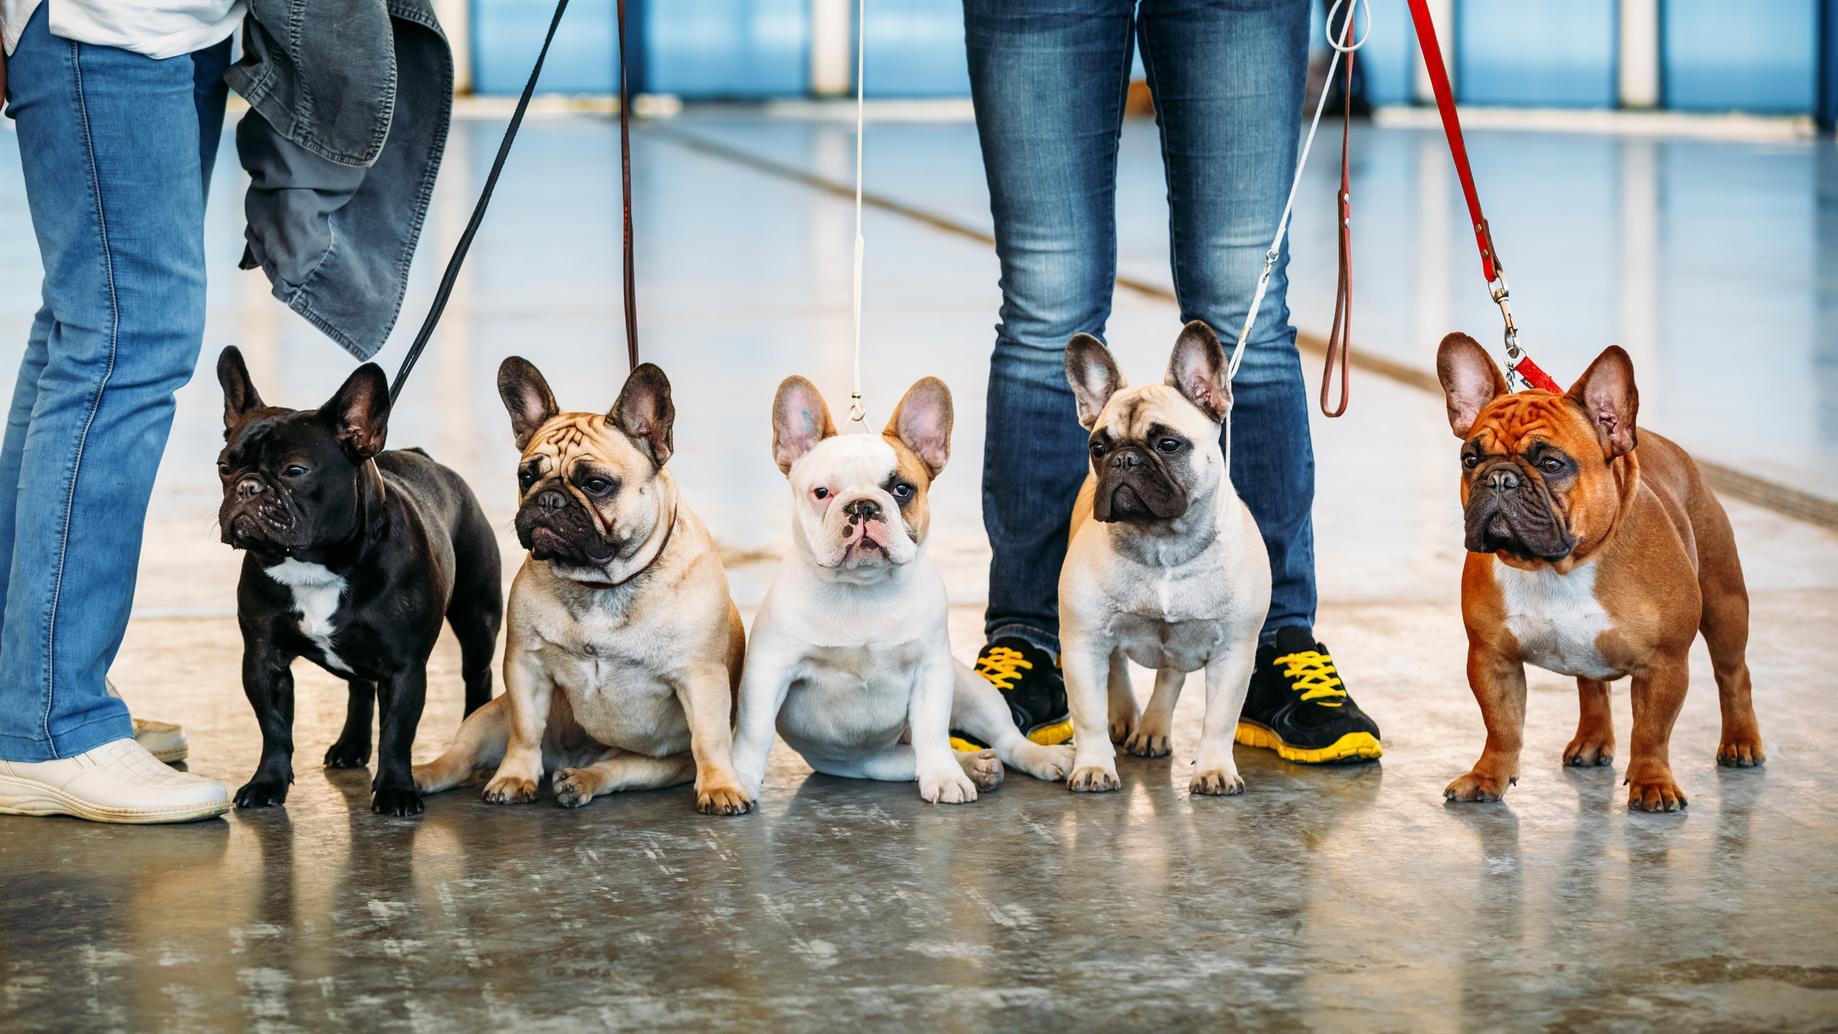 Ab wann sind Französische Bulldoggen geschlechtsreif?